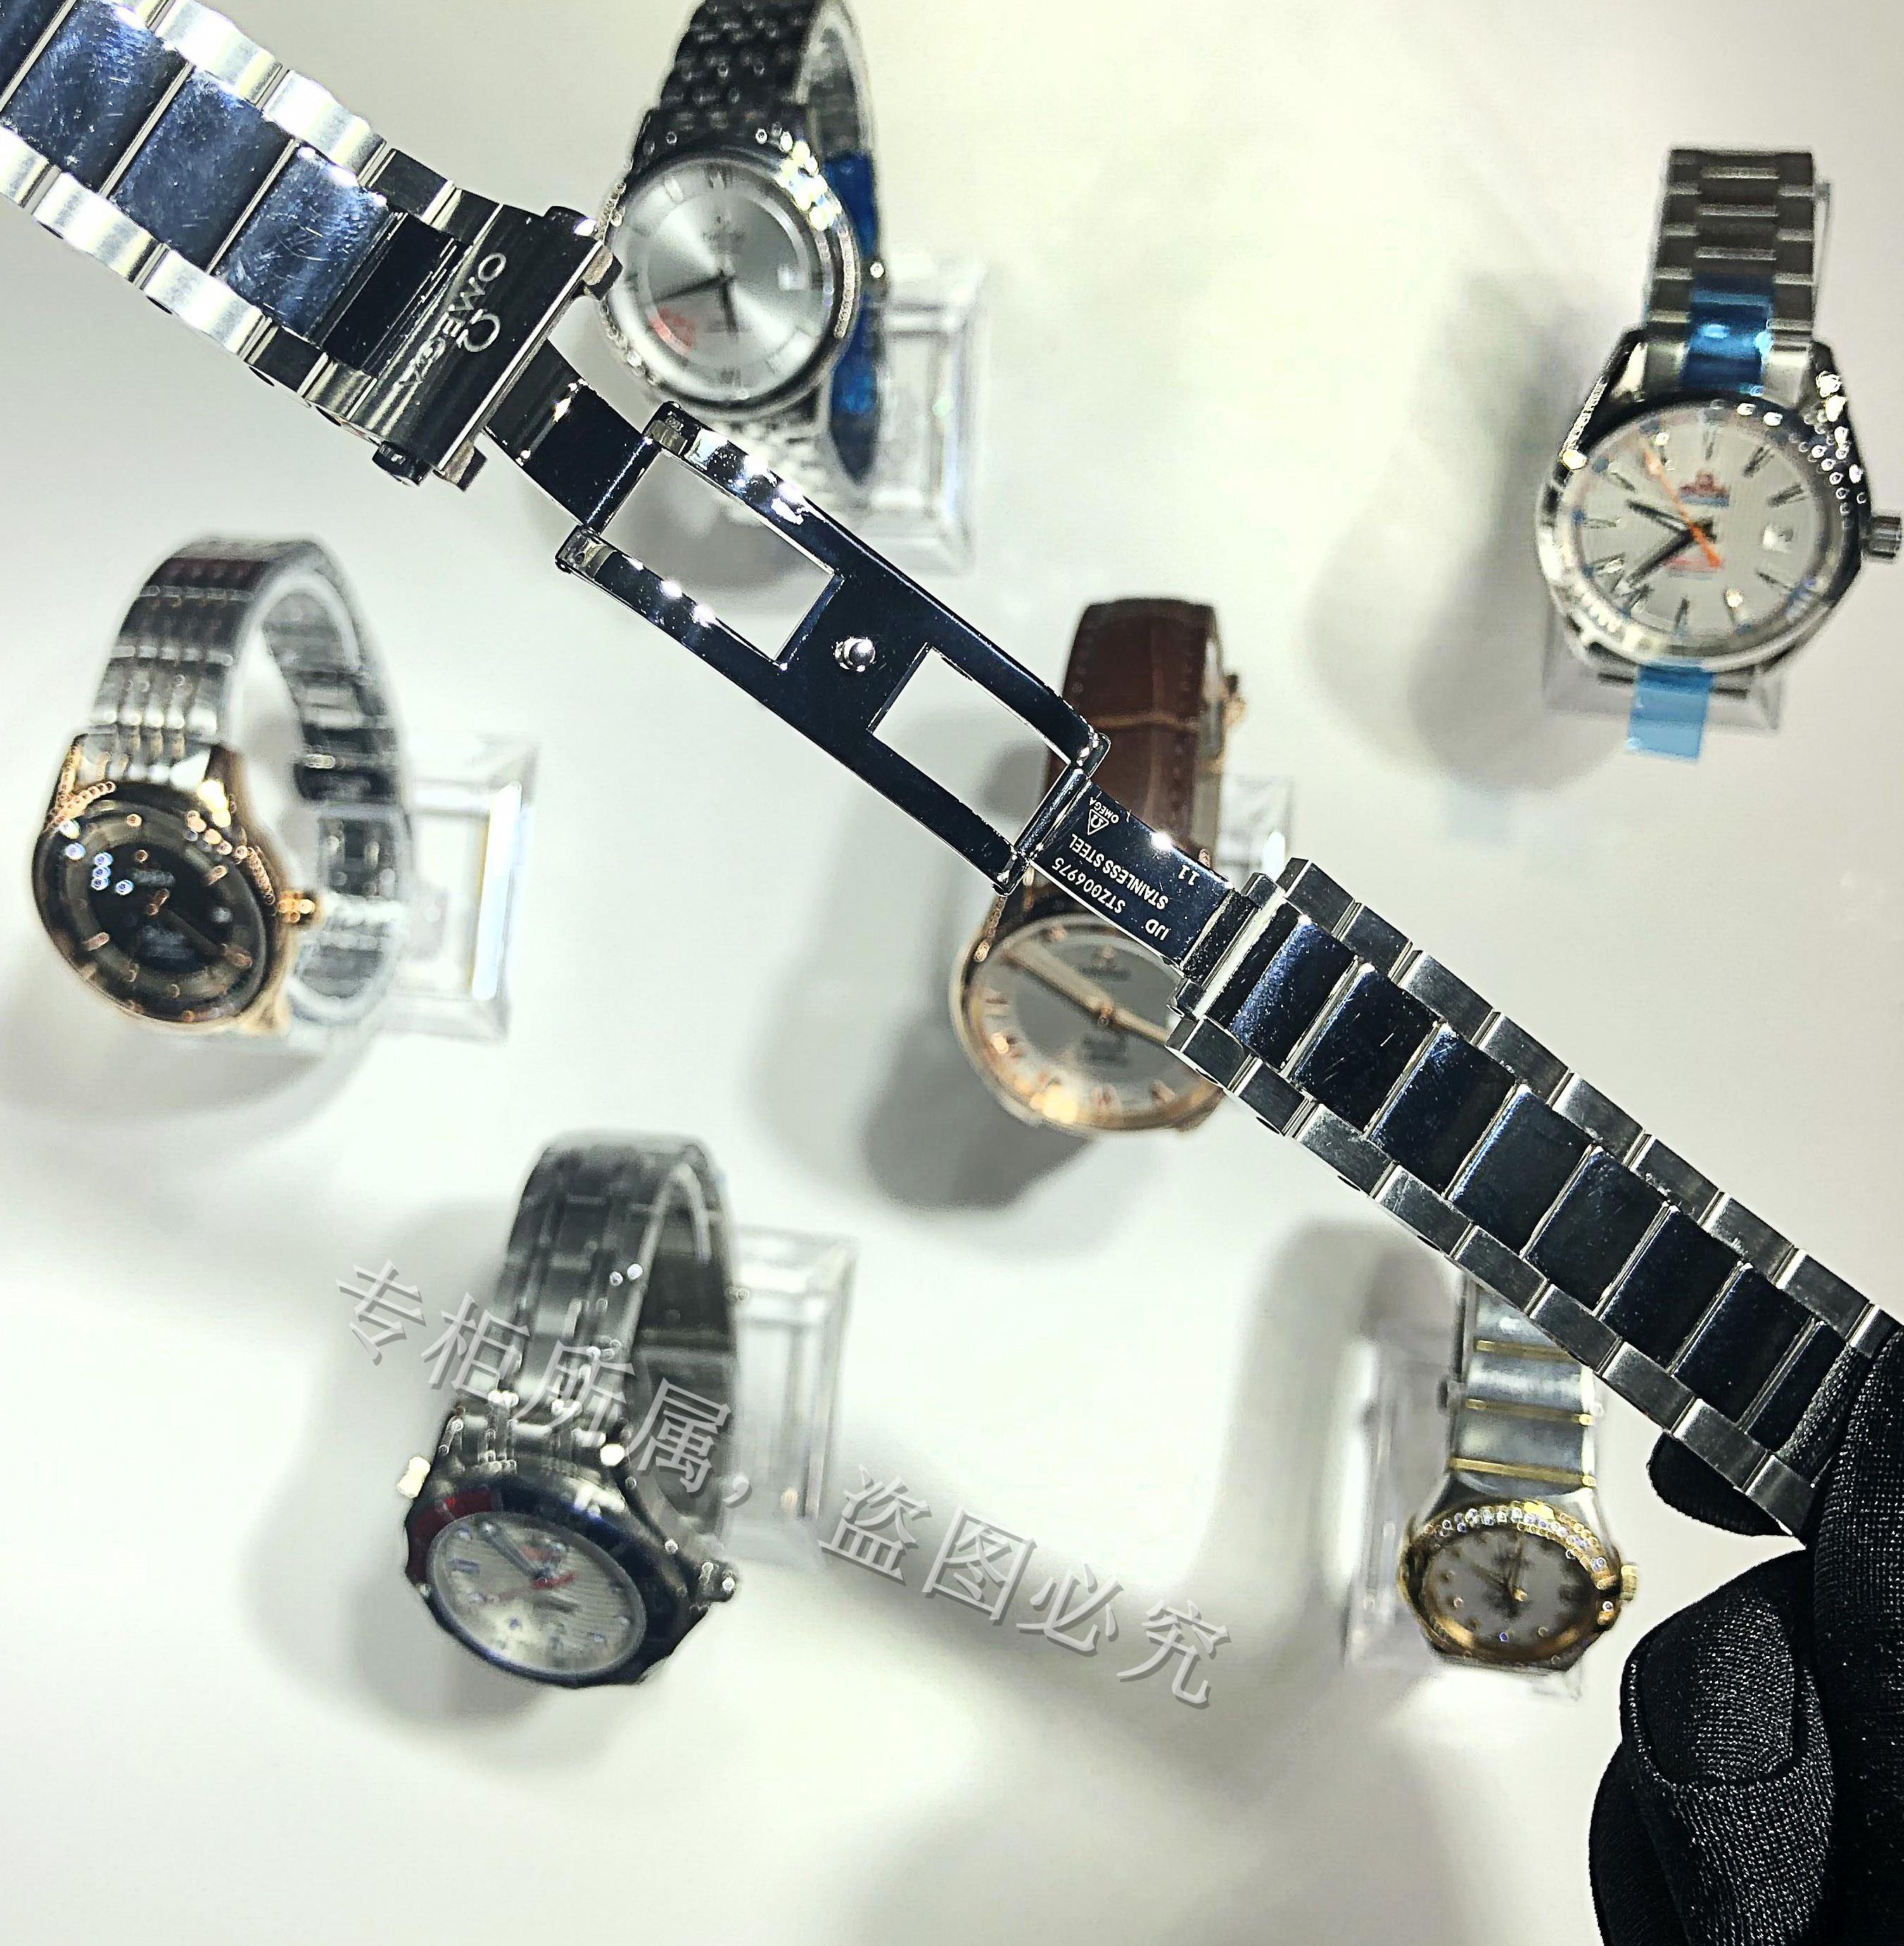 ⅙♓สายนาฬิกา smartwatchสายนาฬิกา gshockสายนาฬิกา applewatchOMEGA STRAP Original hippocampus Seriesสแตนเลสแท้นาฬิกาผู้ชายโ